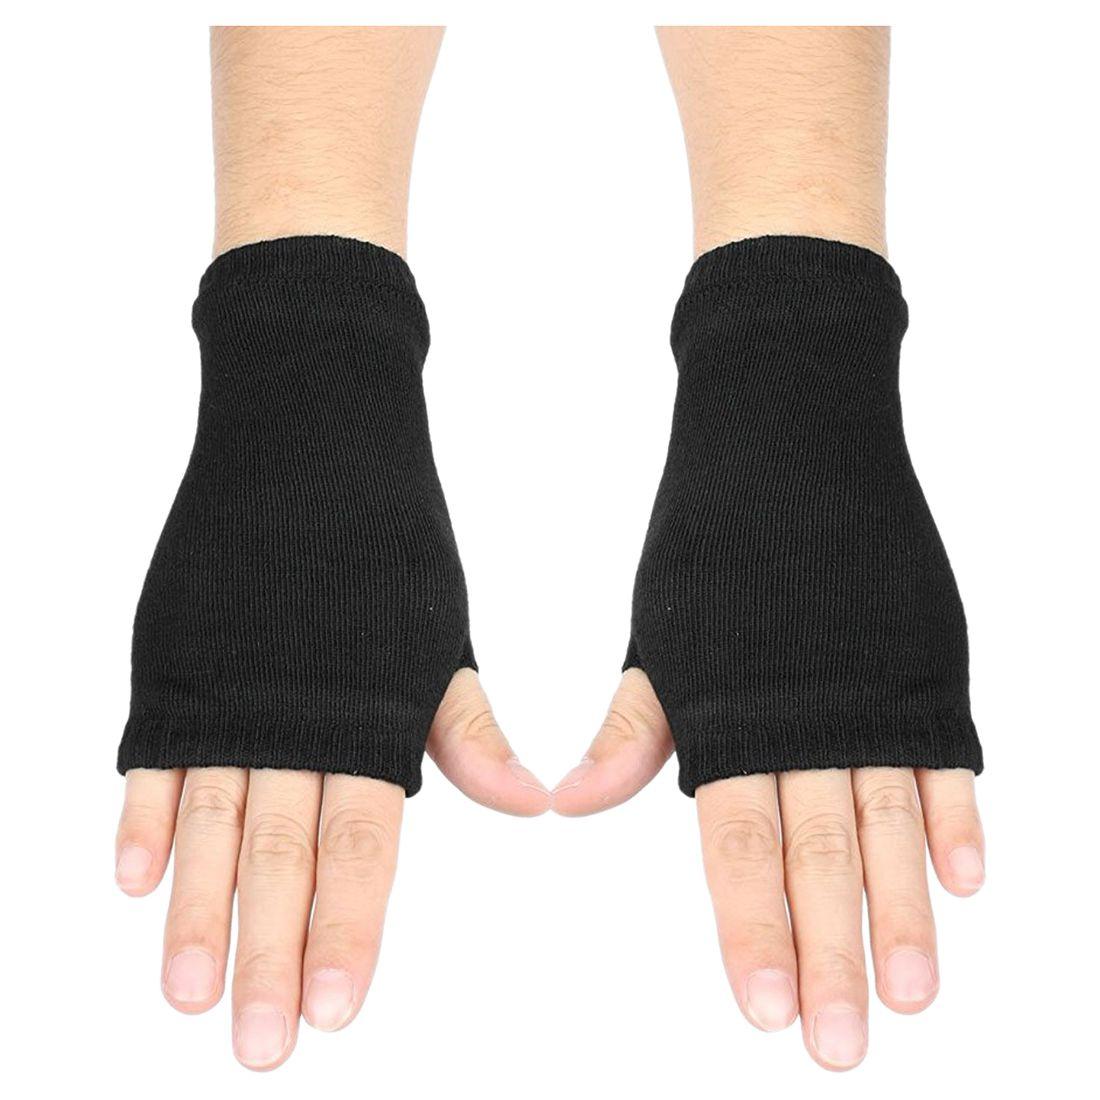 Black Elastic Combed Cotton Fingerless Gloves For Women